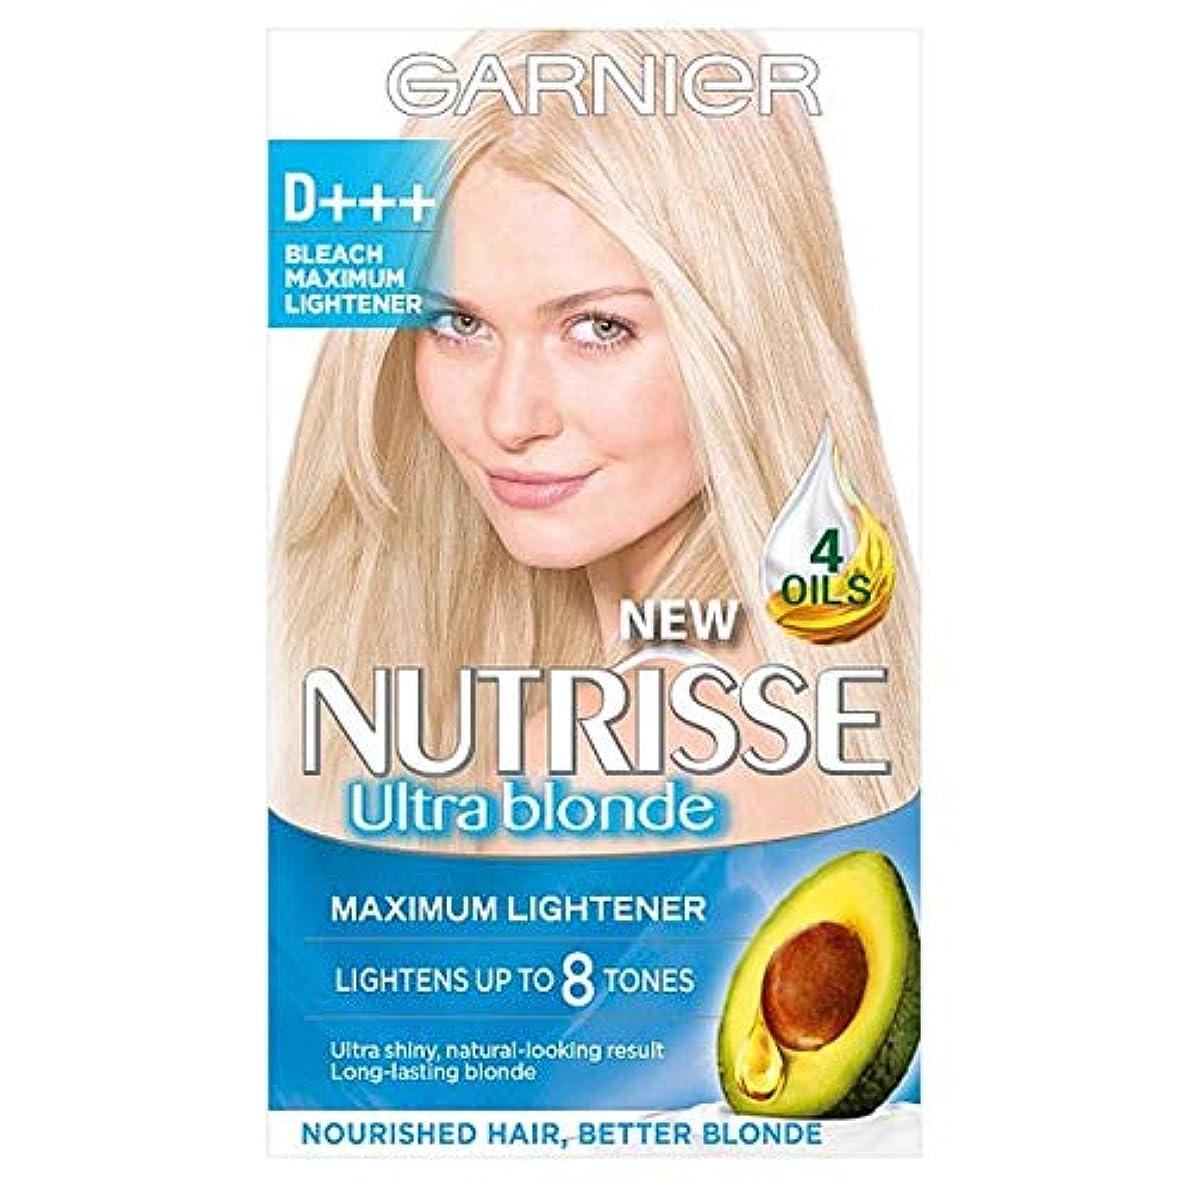 ひばりパケット処分した[Garnier] ガルニエNutrisse D +++ Blchライトナーパーマネントヘアダイ - Garnier Nutrisse D+++ Blch Lightener Permanent Hair Dye [並行輸入品]